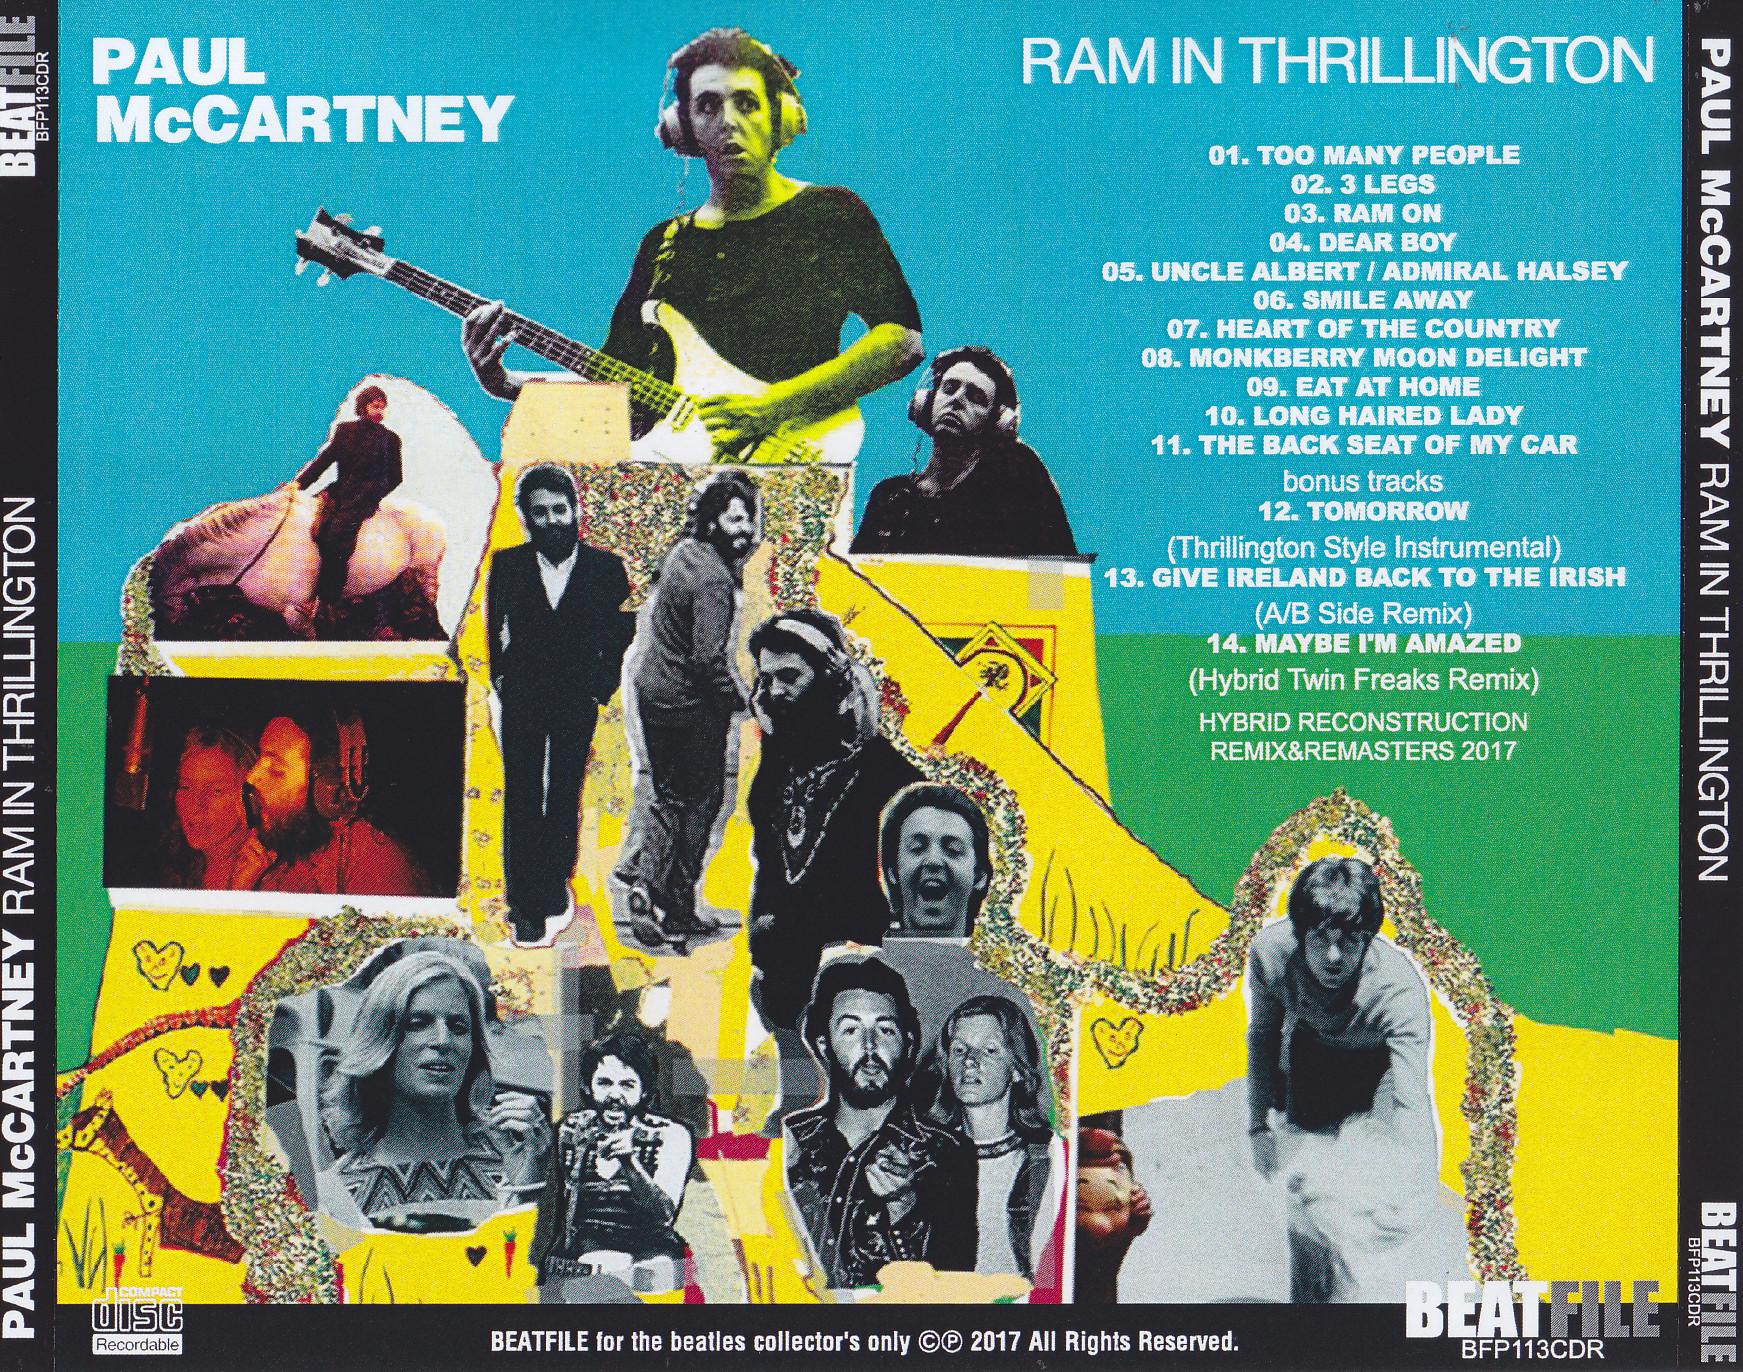 Paul McCartney - Ram In Thrillington (1Pro-CDR) Beatfile  BFP-113